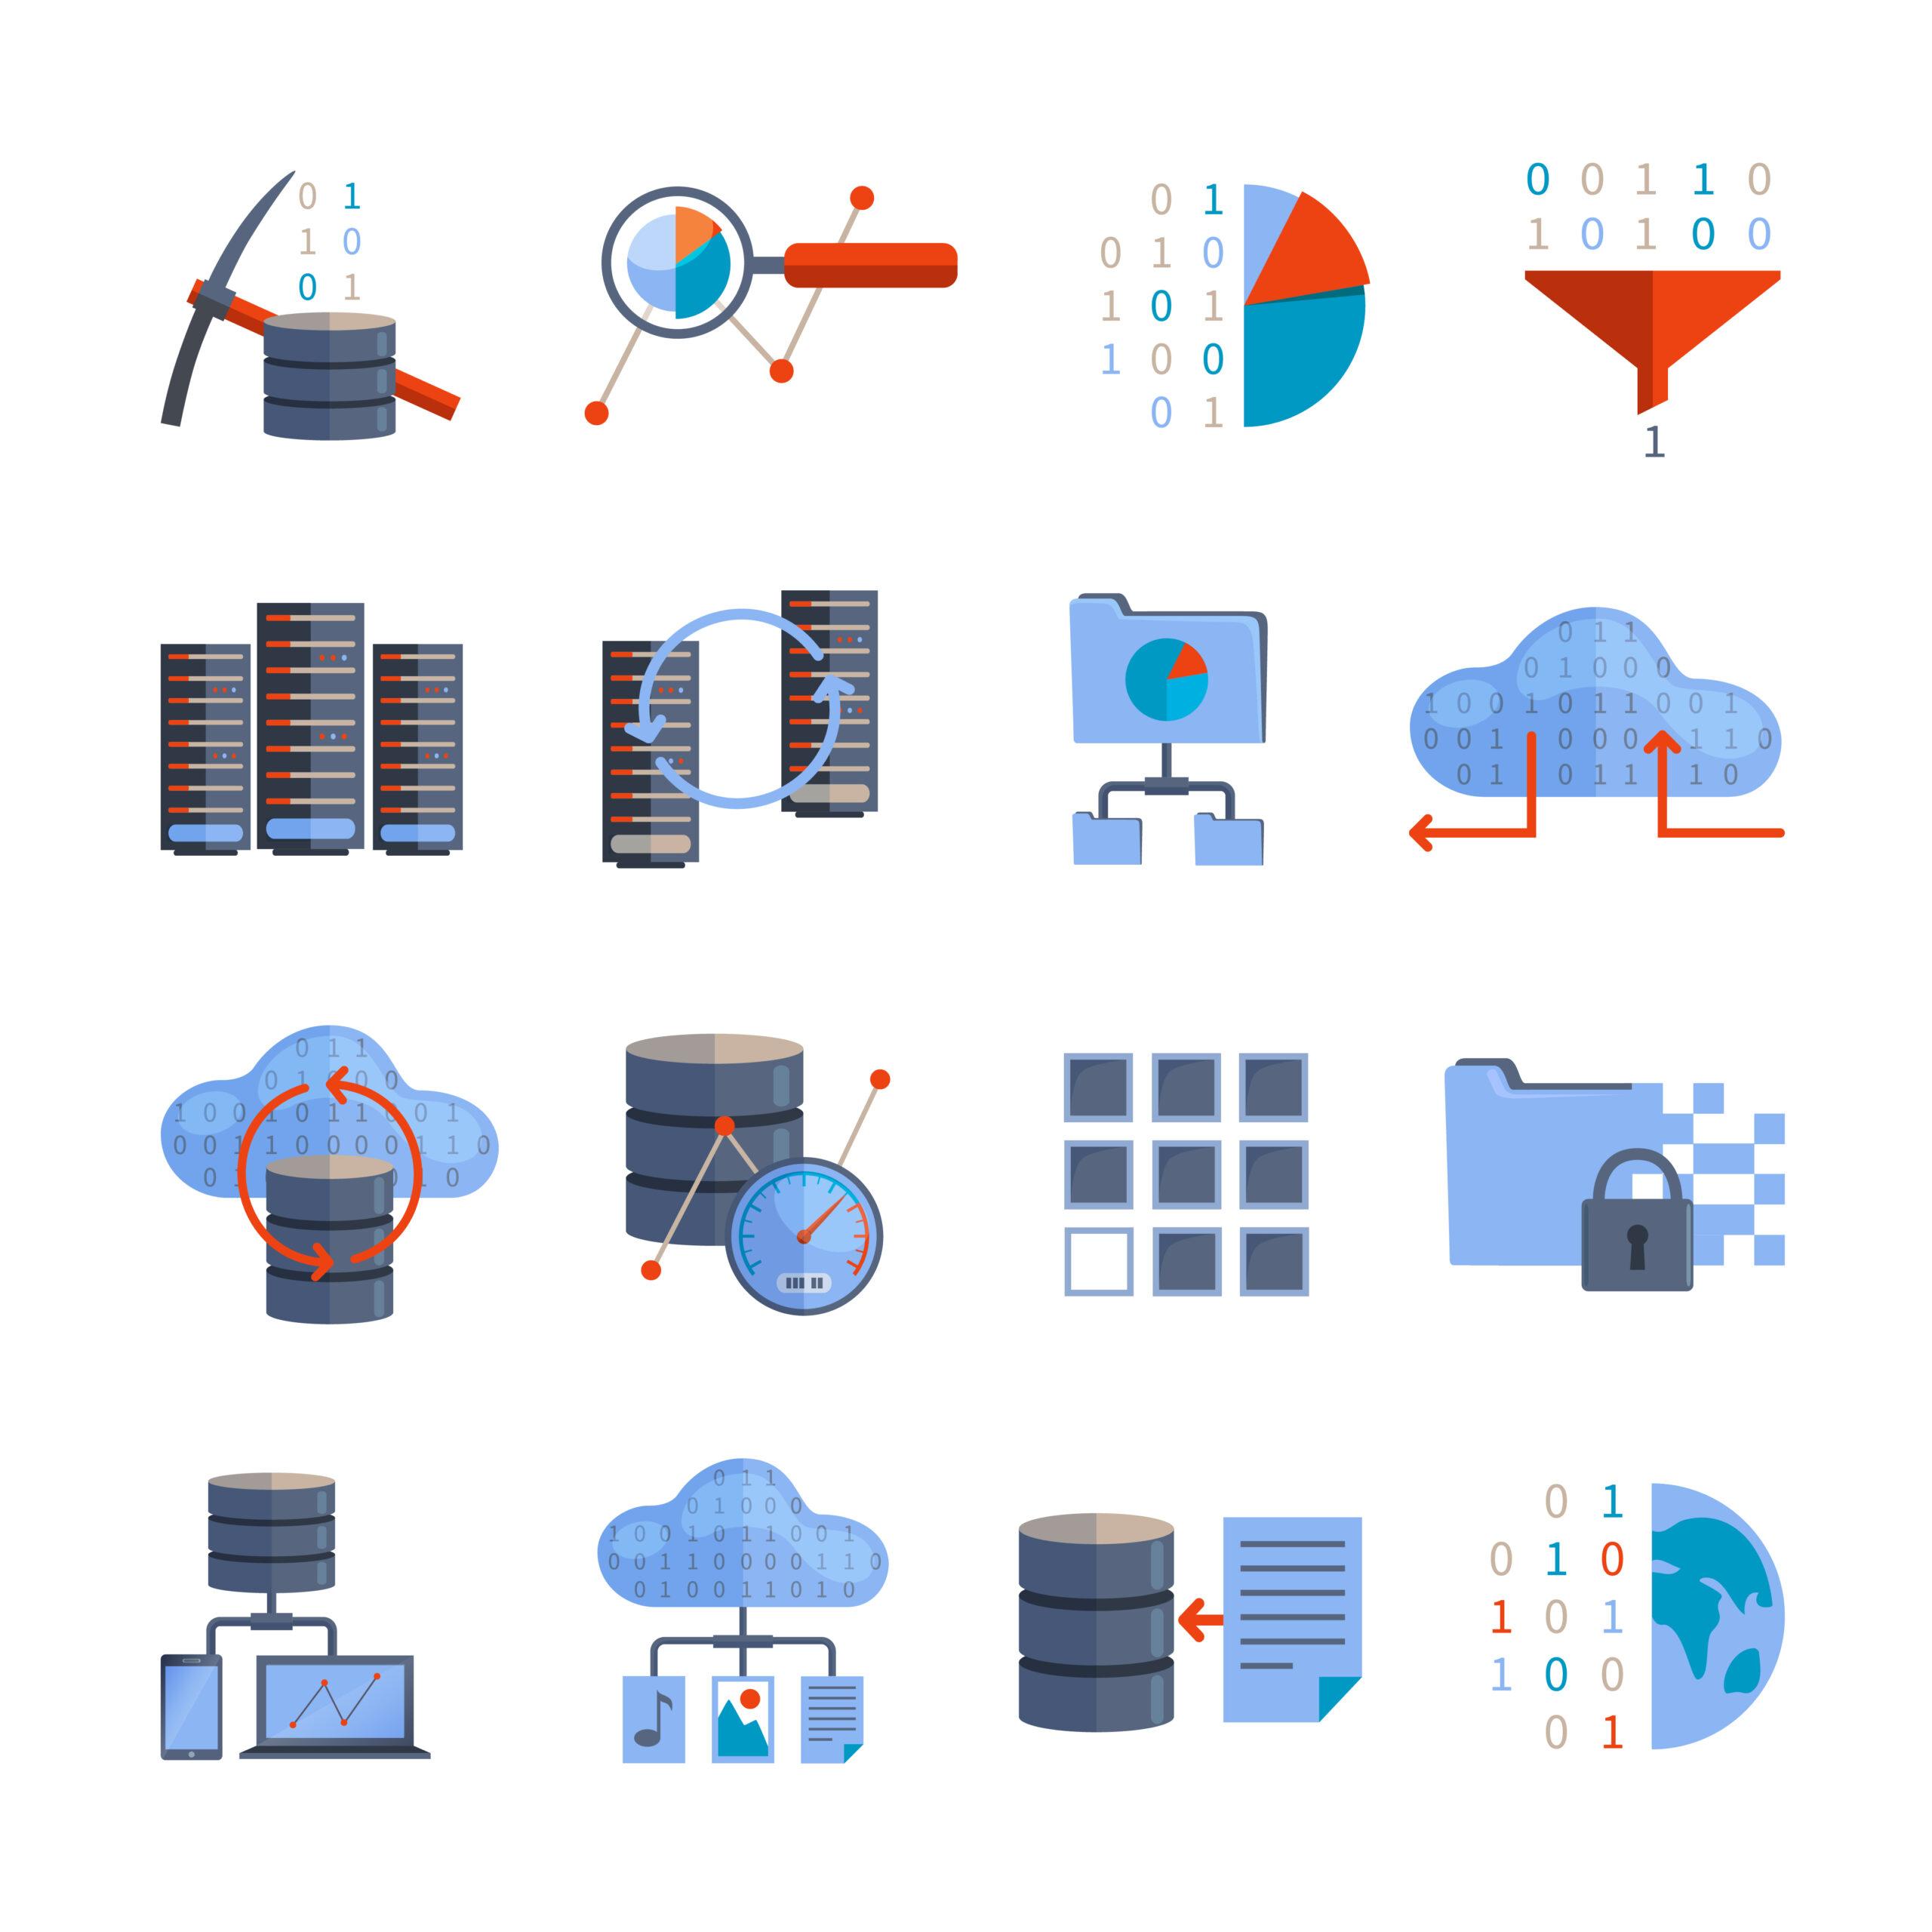 Imagem de ícones ilustrados para Base de Dados de Recursos energéticos Distribuídos